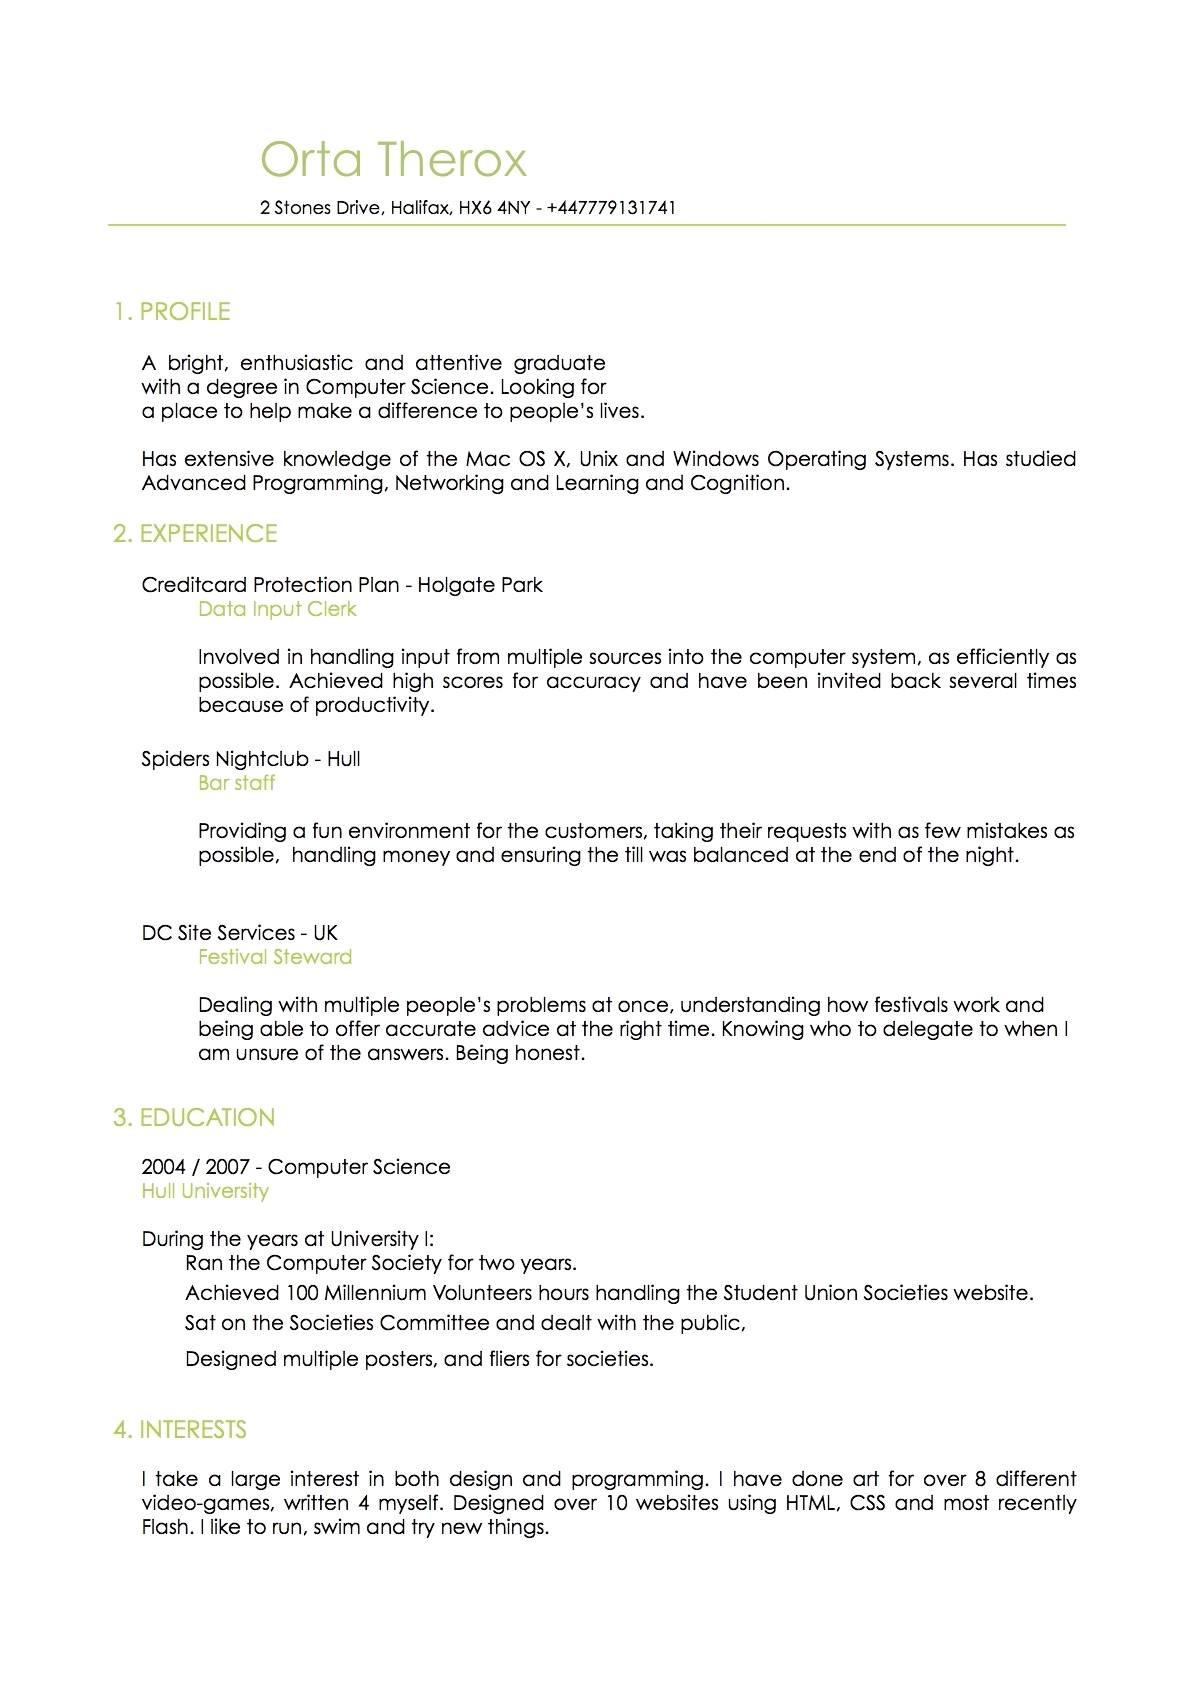 sample resume for net developer with 2 year experience unique sample resume for experienced mainframe developer lovely endearing